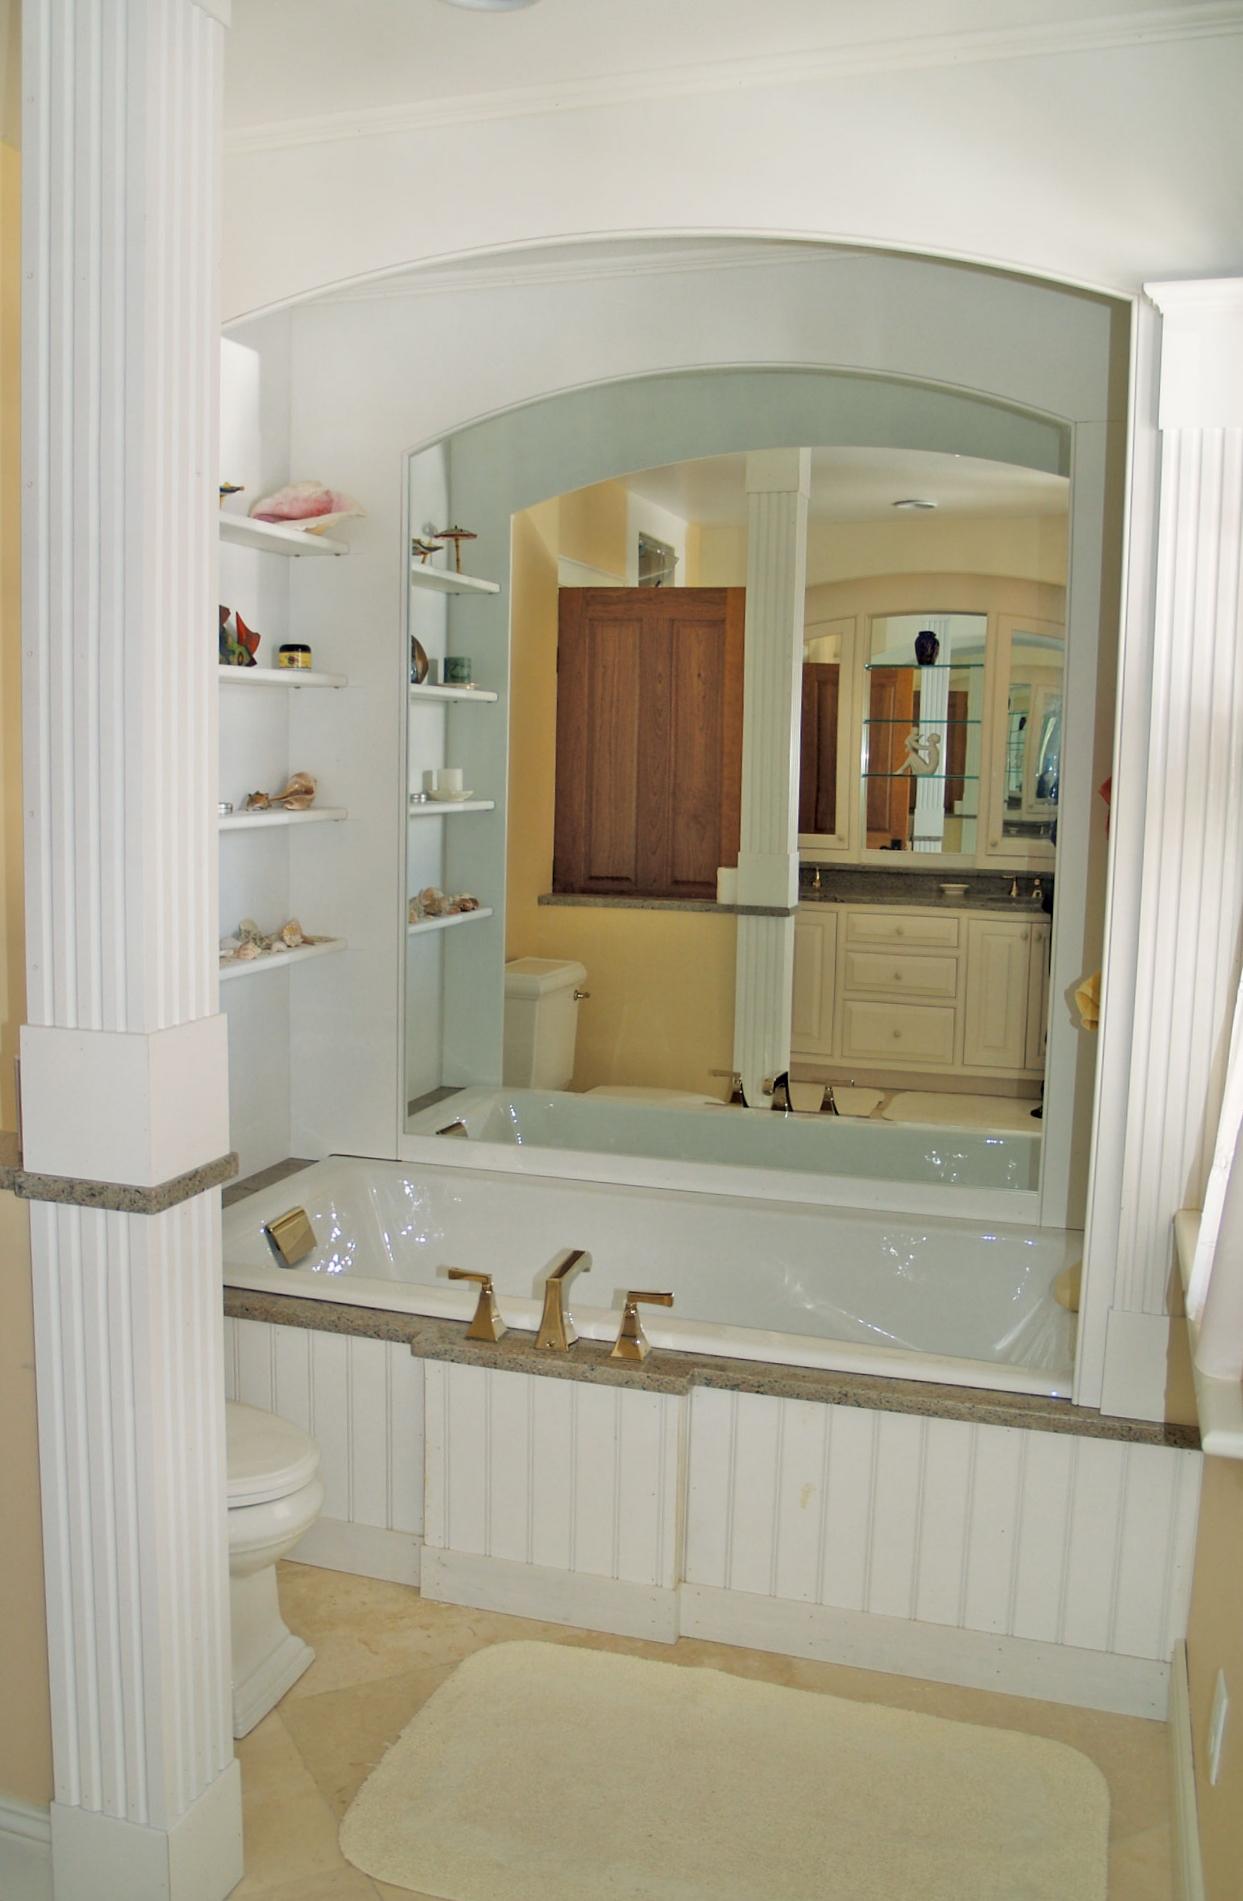 Bathroom-Arched-Mirror-by-Tub.jpg